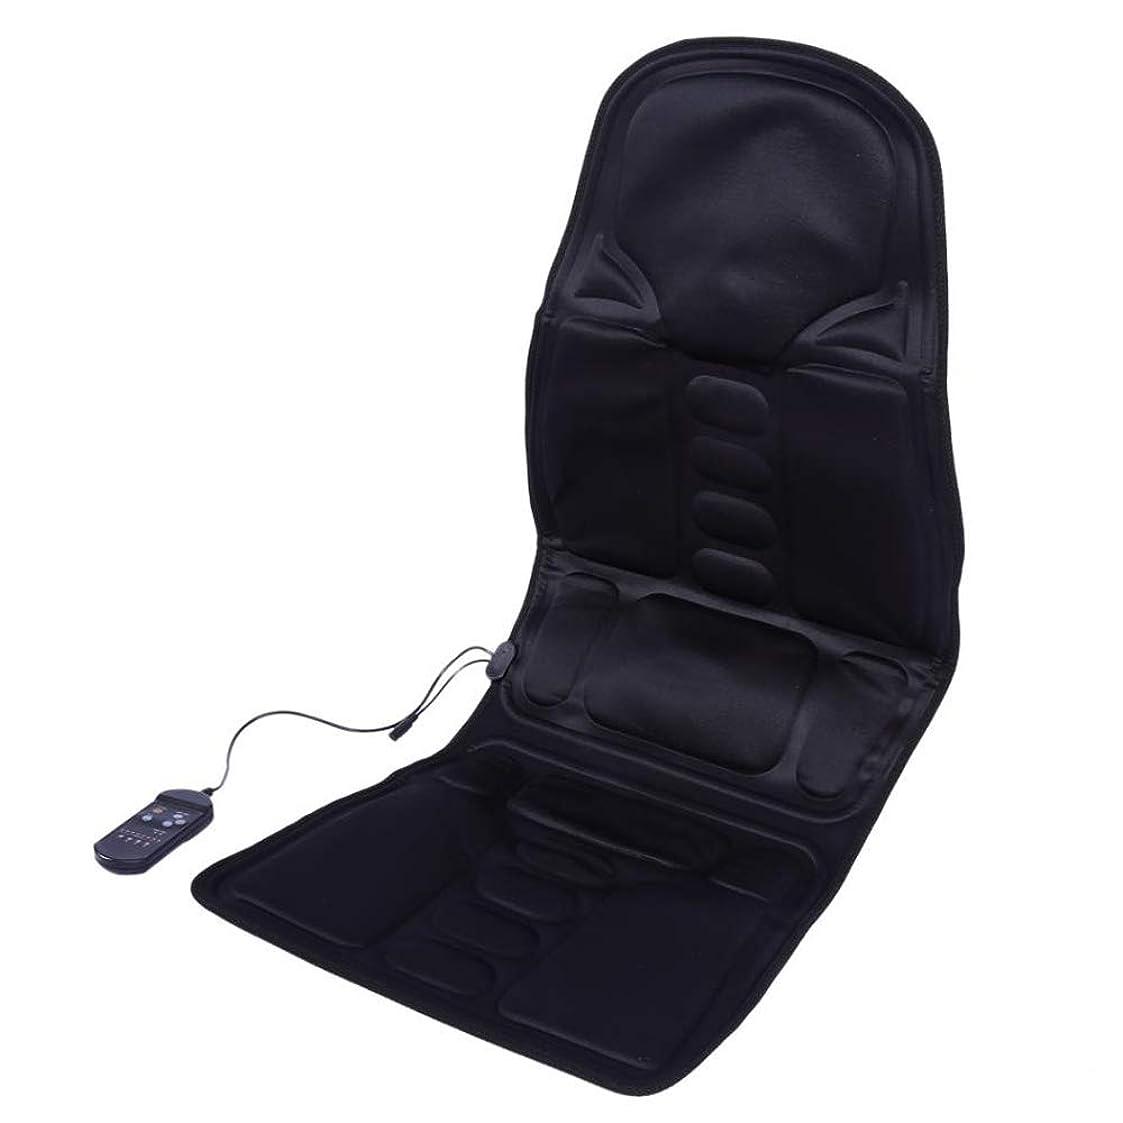 手術開発雲YD マッサージクッション 頚椎脚マッサージ枕による電熱マッサージによる12Vカーマッサージ /&